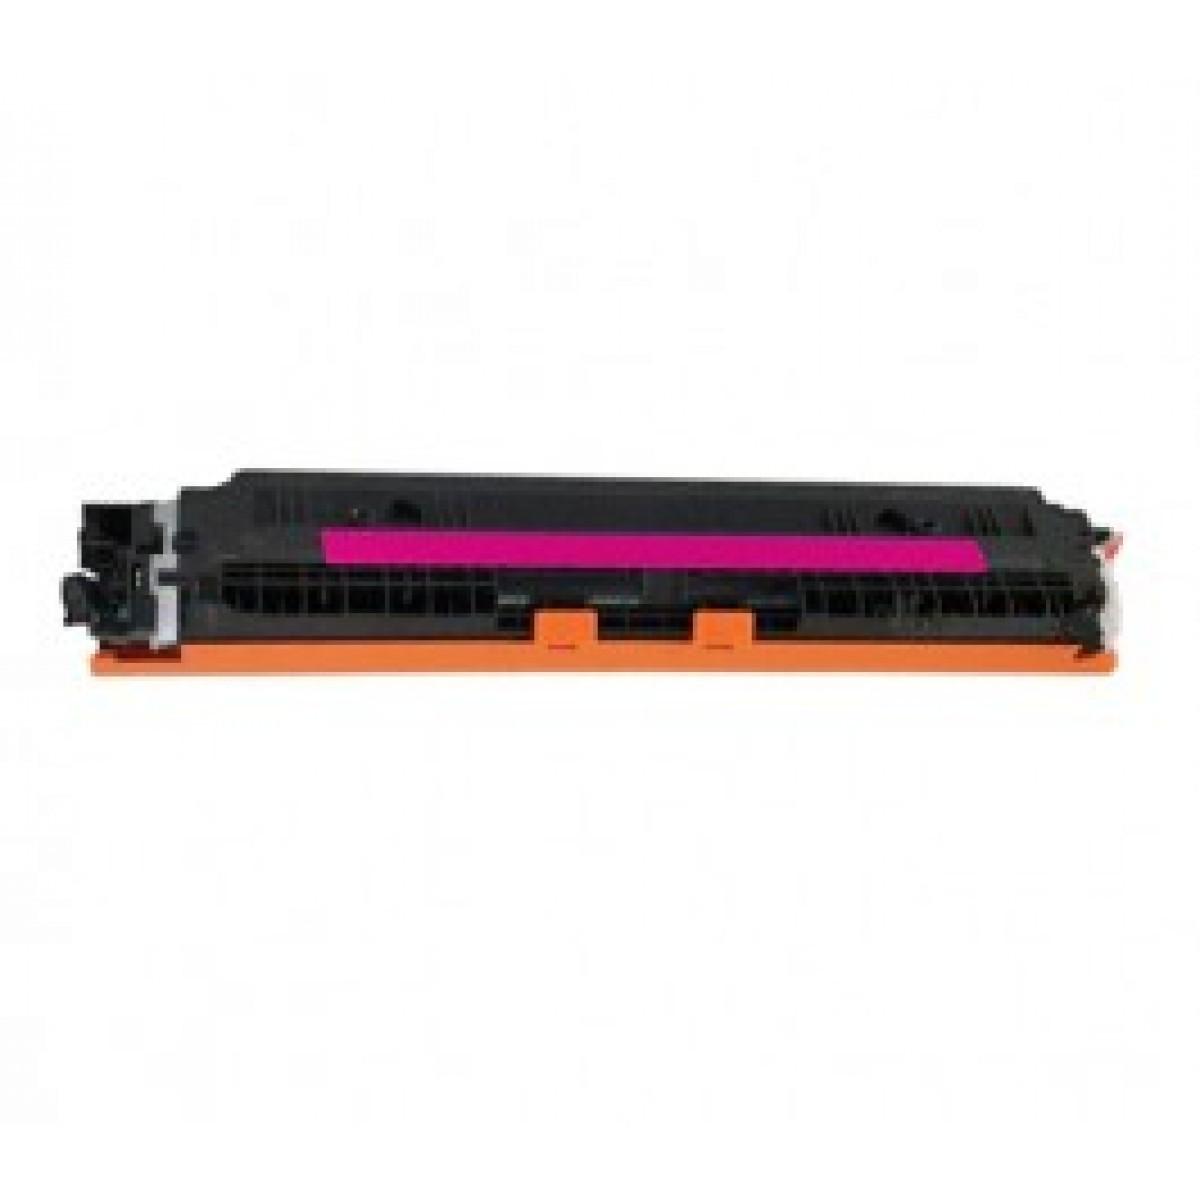 Toner HP CE313A CF 353 126A Magenta | Vermelho Compatível. HP LaserJet CP 1020, CP 1020WN, CP 1025, CP 1025nw, M 175, M 175A, M 175NW, M-275 M176 M177